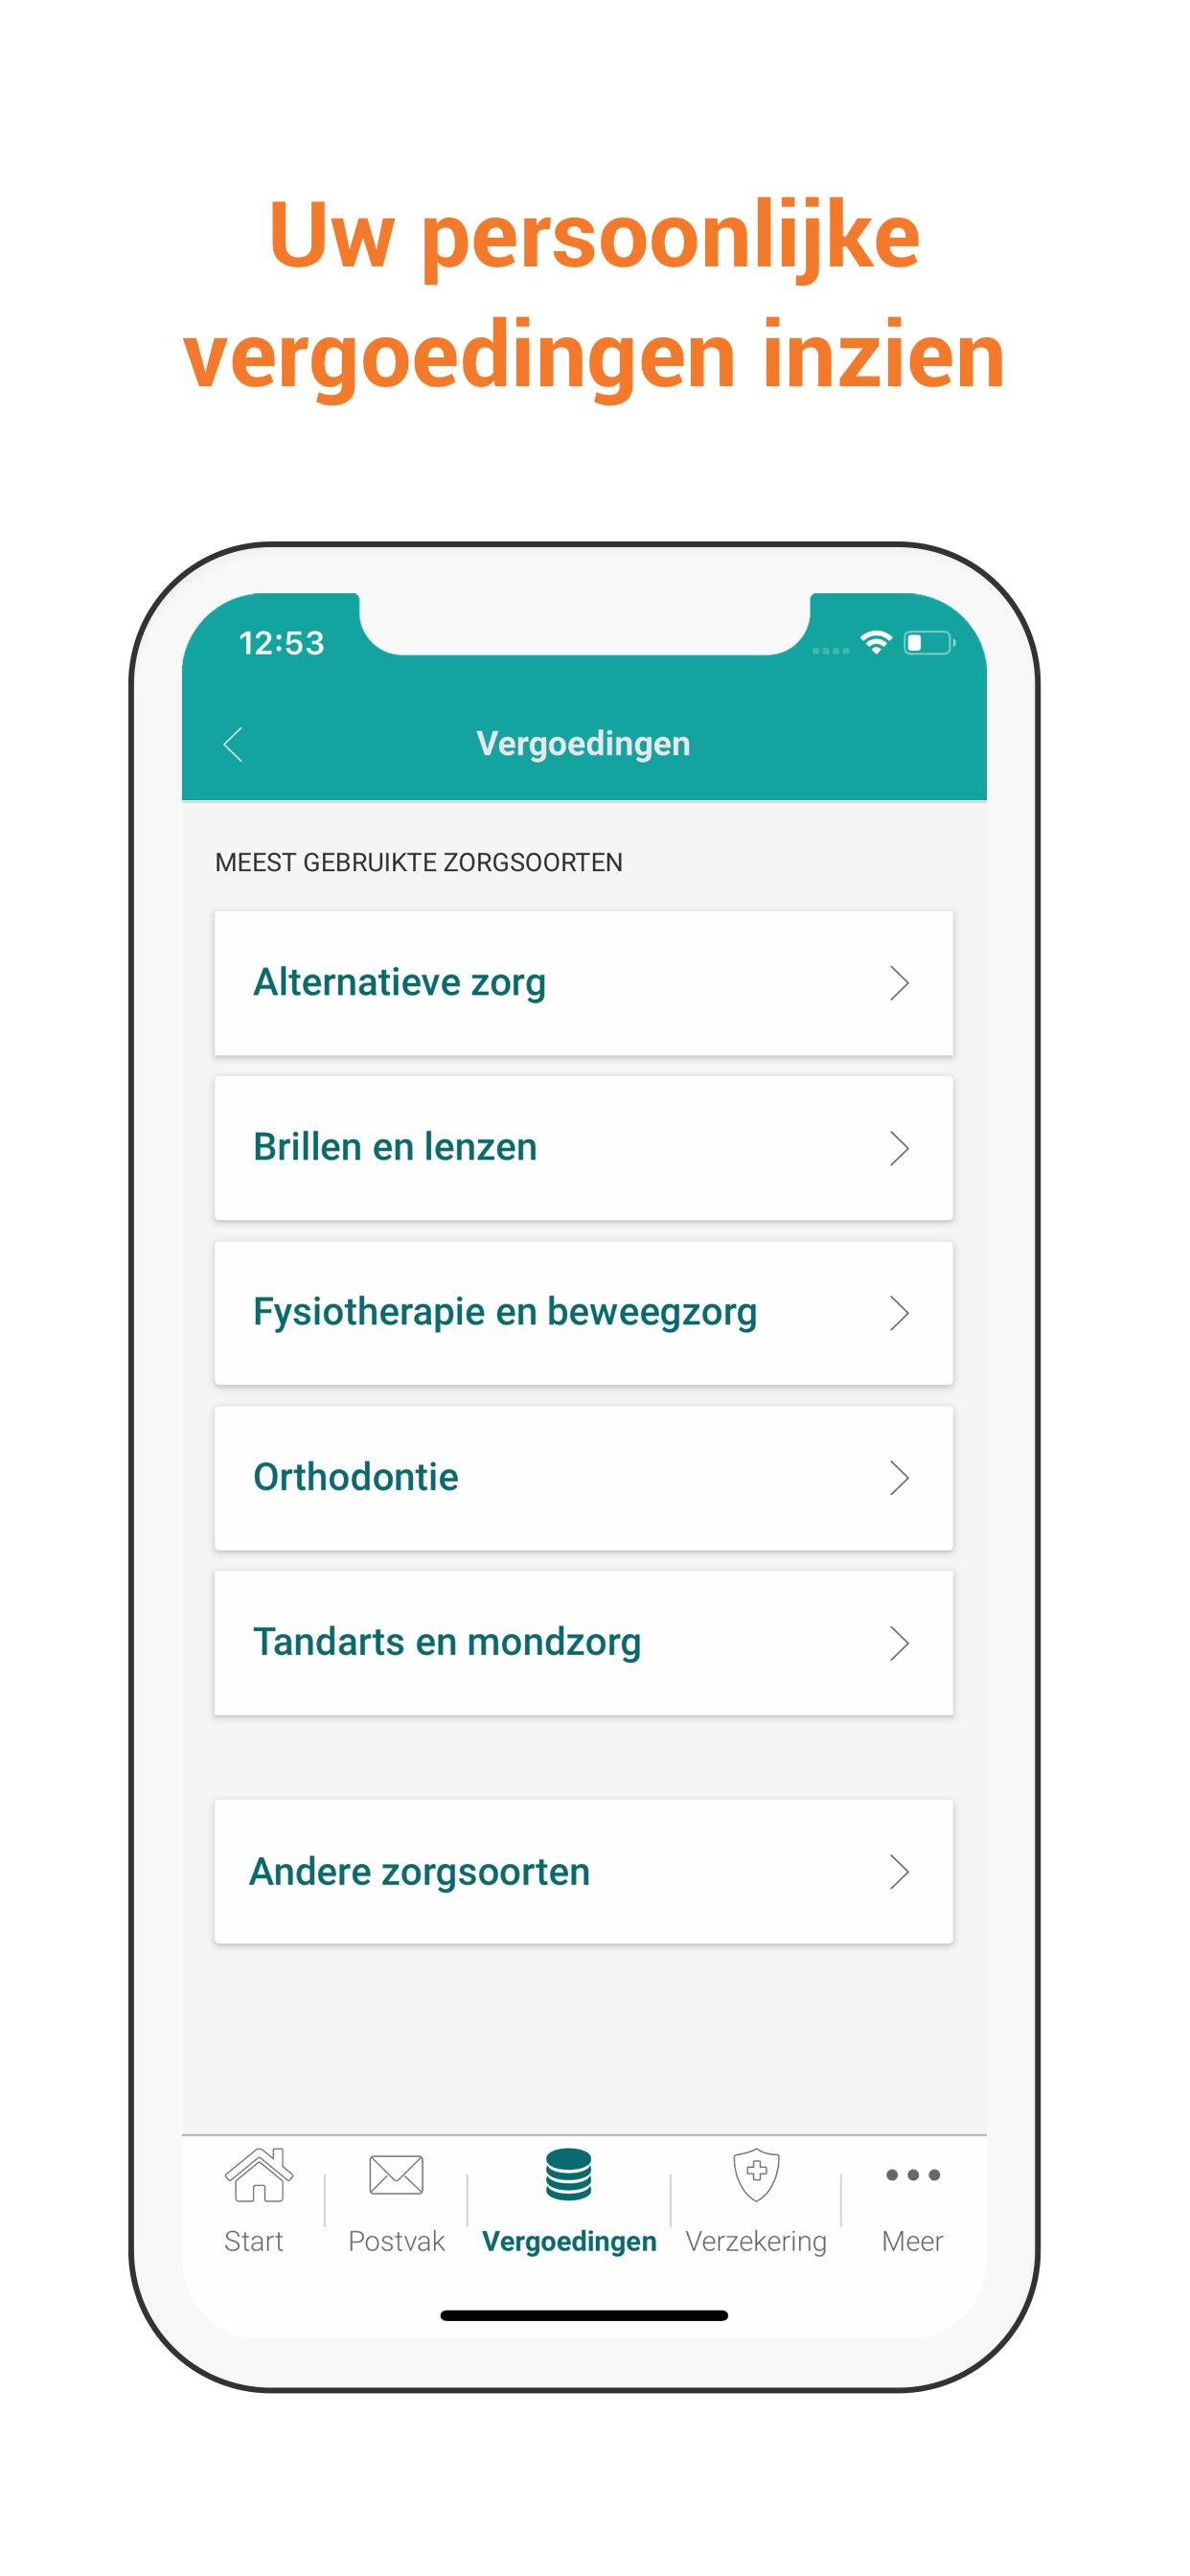 Vergoedingen UC Zorg App